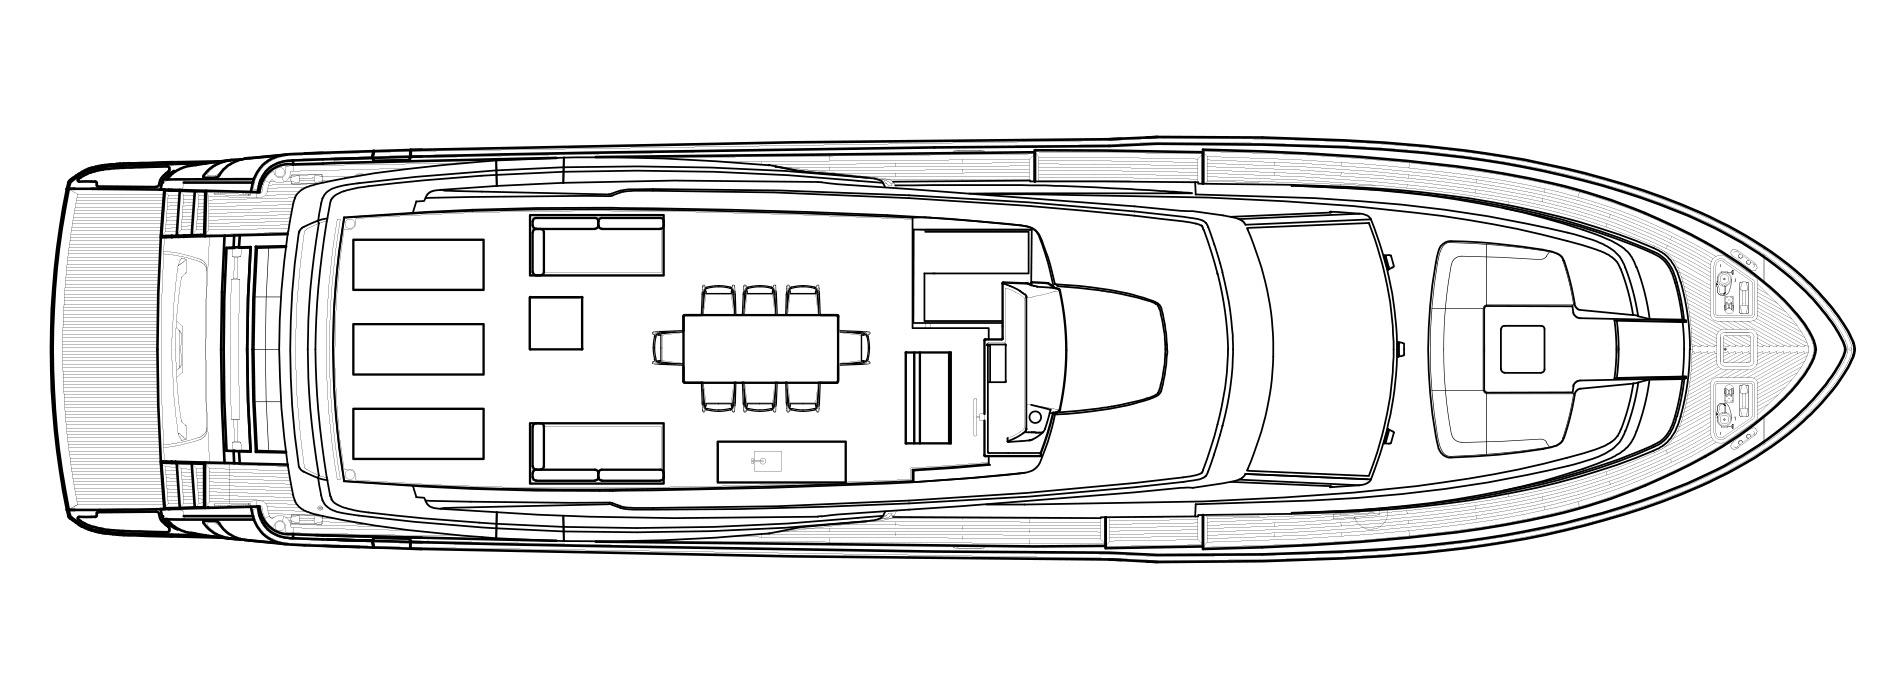 Sanlorenzo Yachts SL86 Außendeck Versione USA